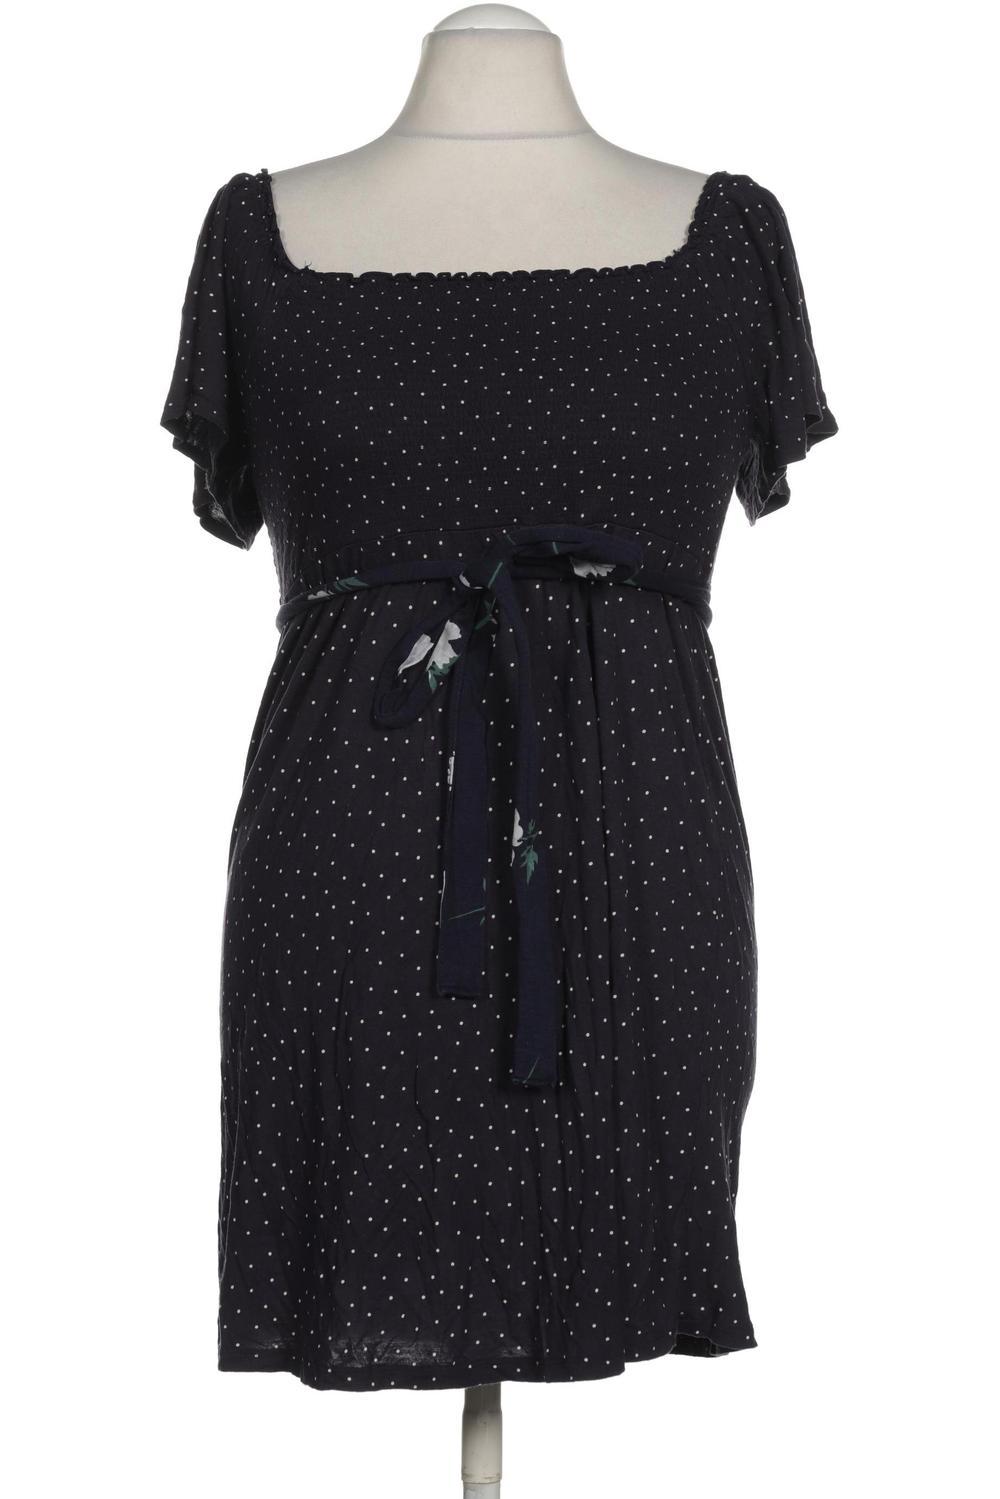 H&M Mama Damen Kleid INT L Second Hand kaufen   ubup